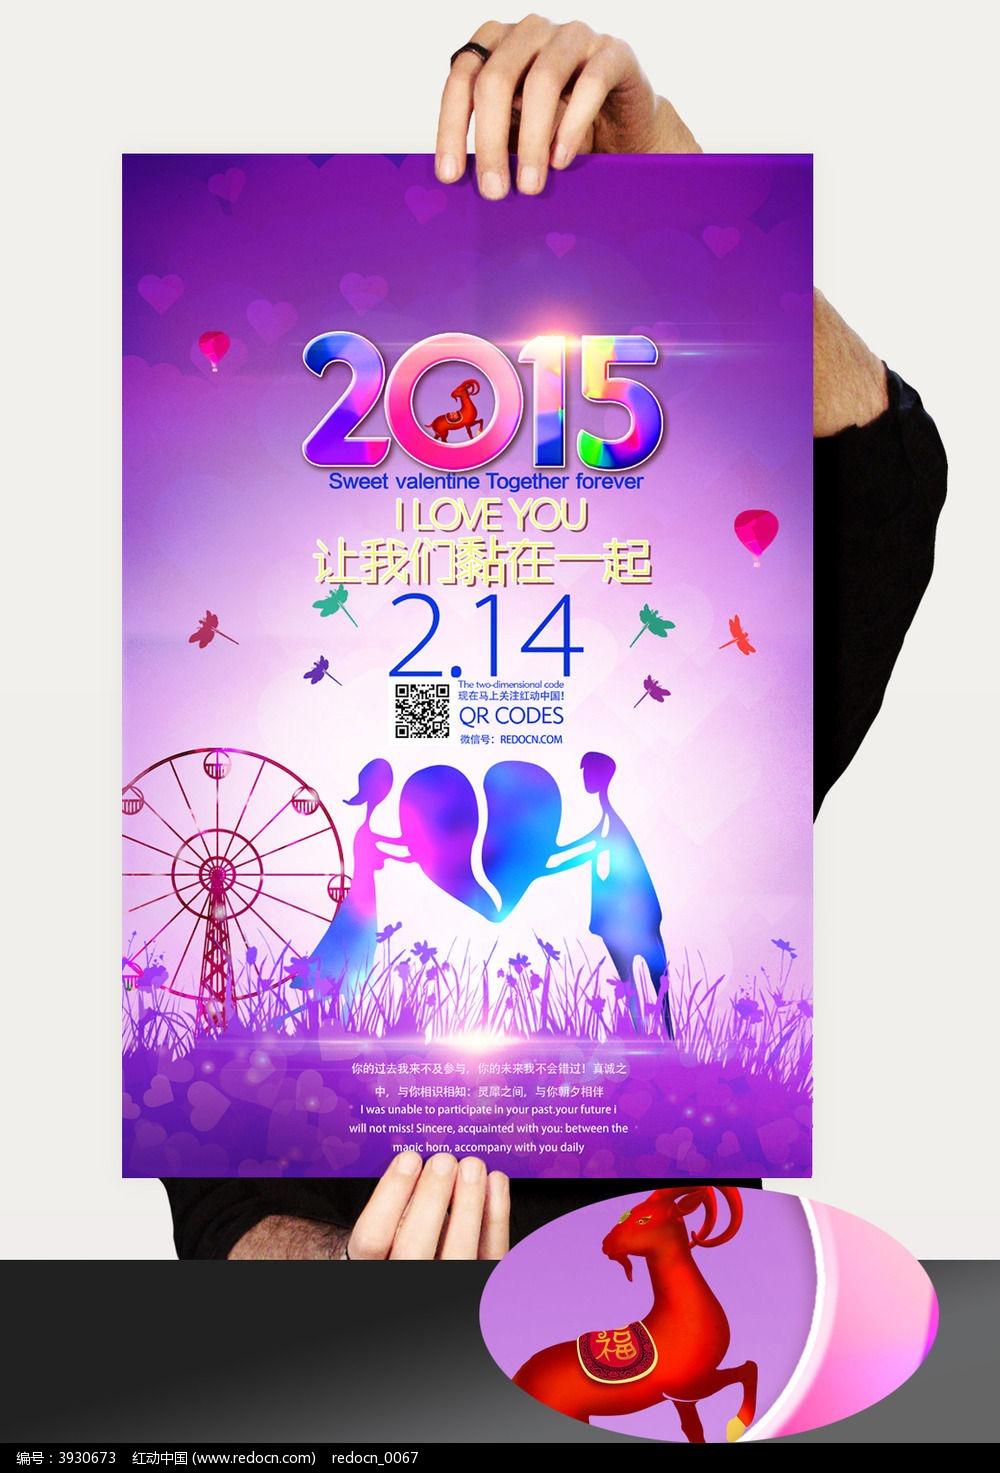 2015年情人节主题海报素材图片